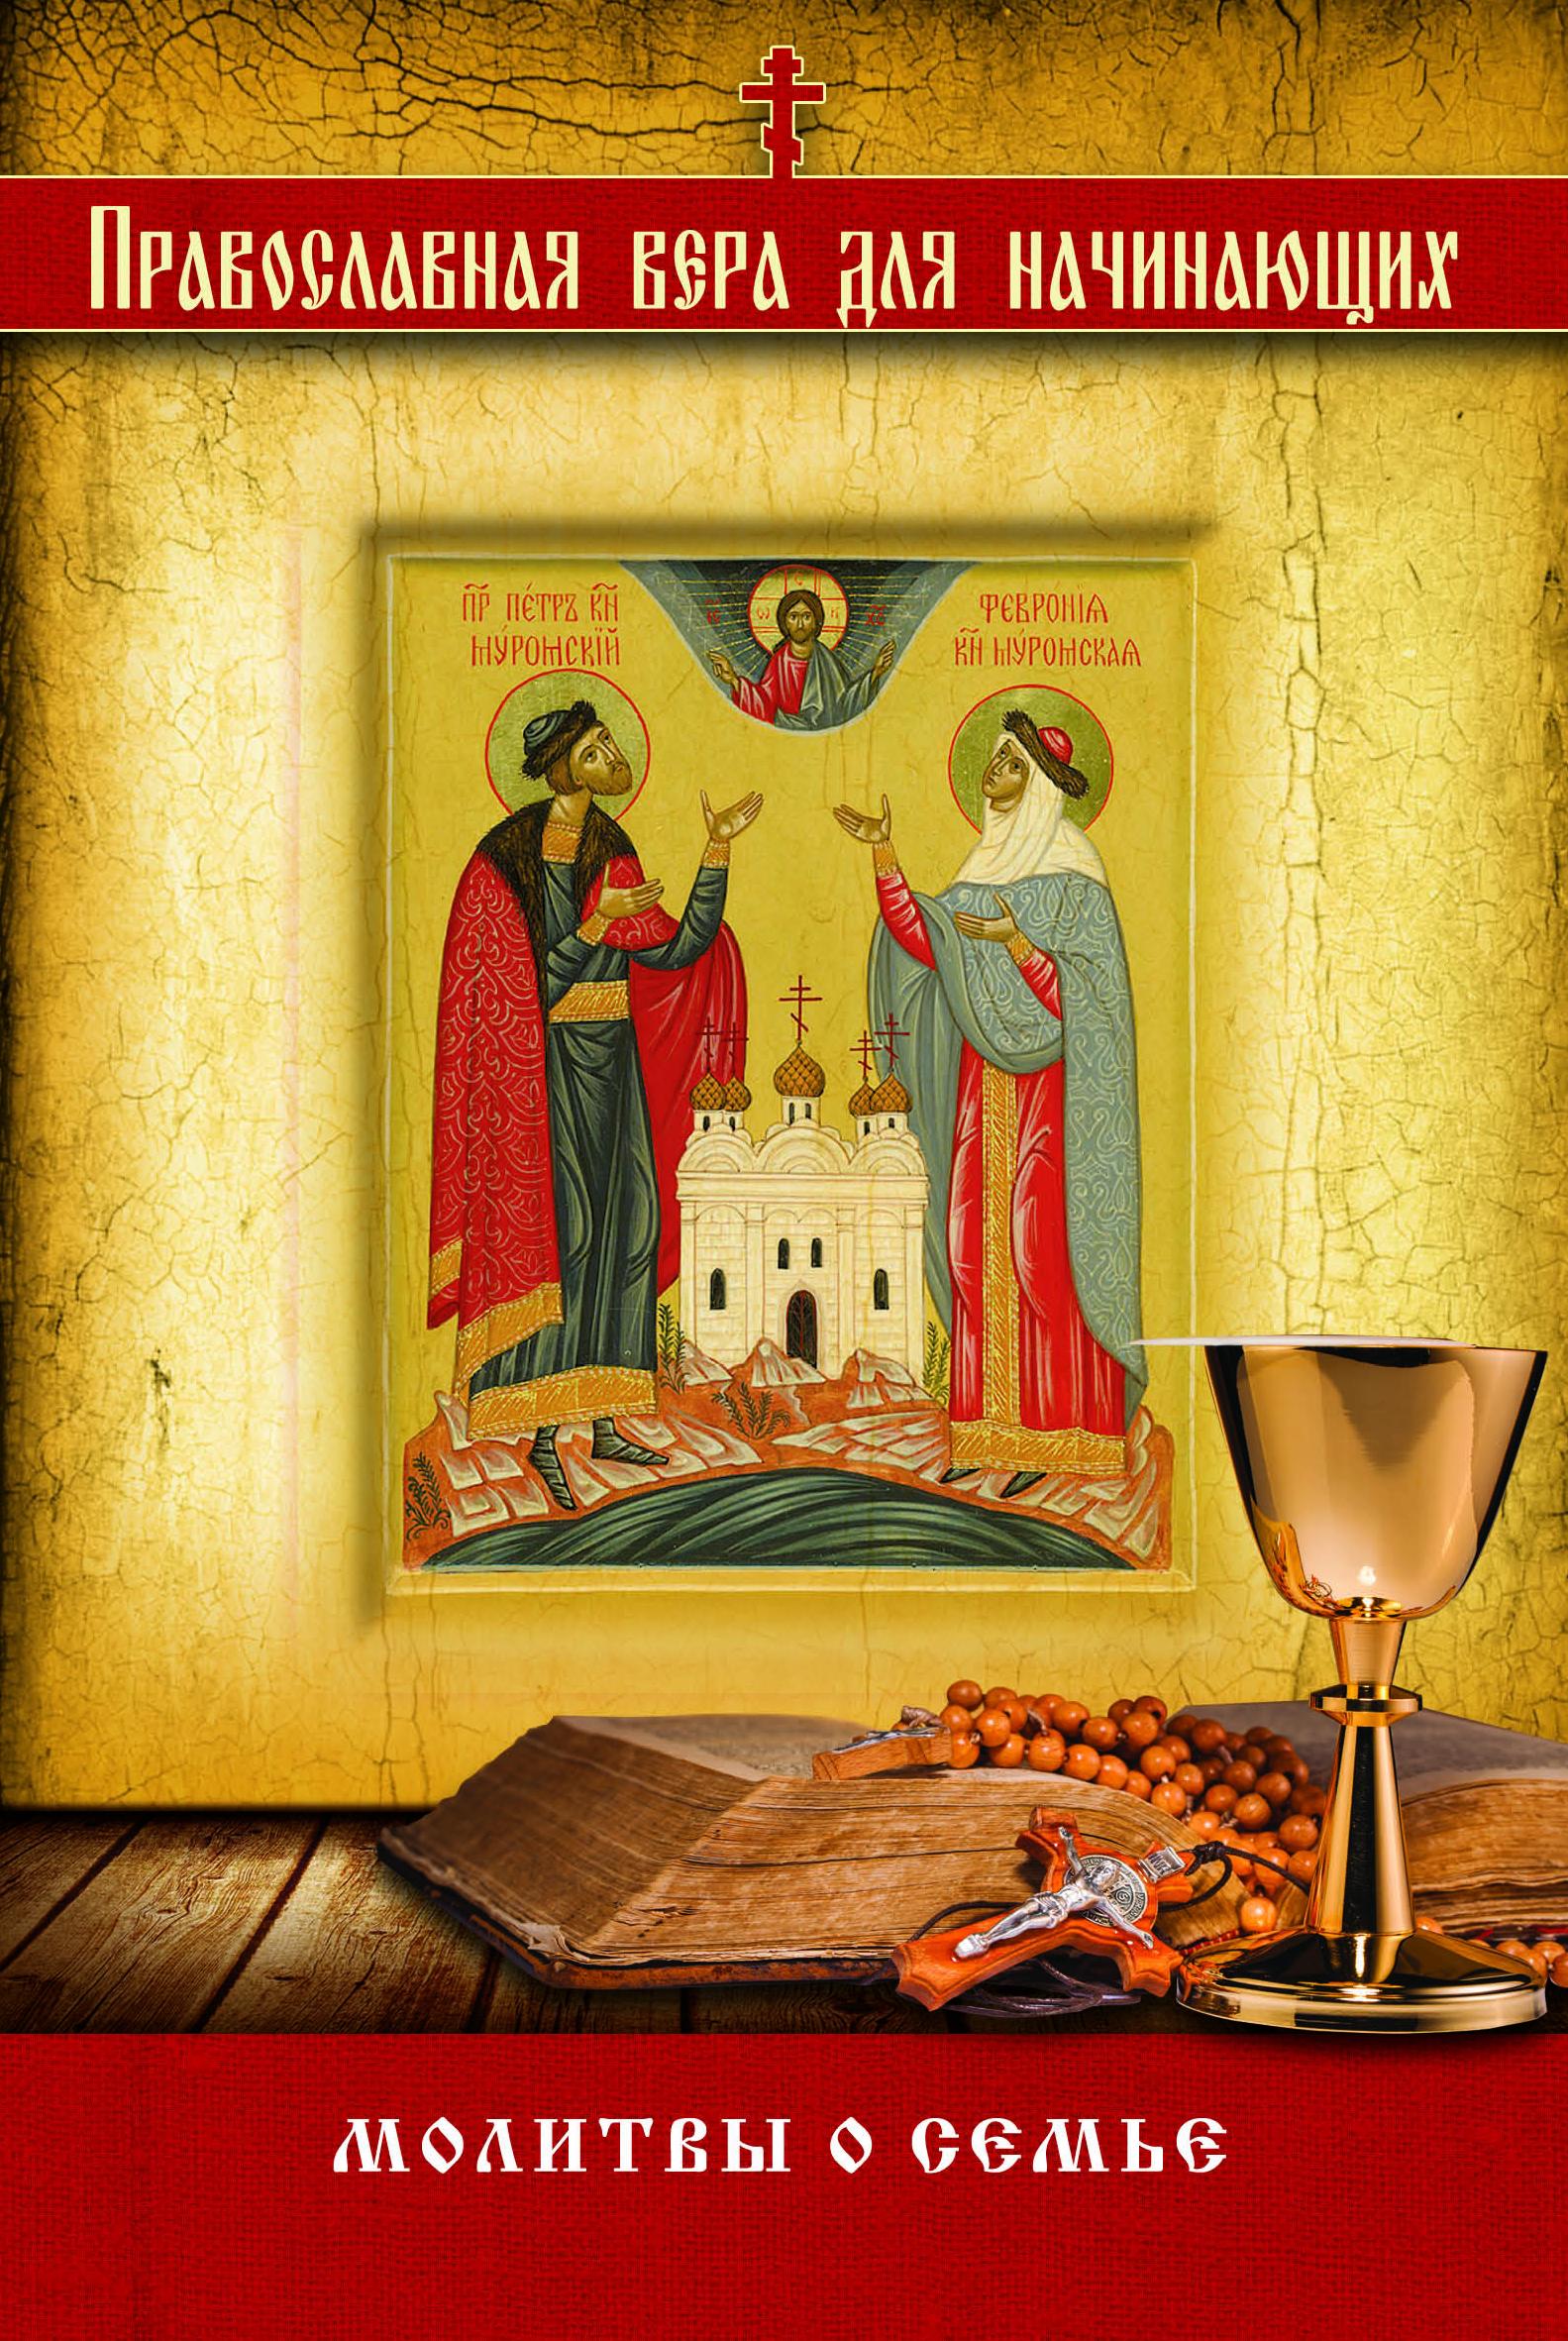 Молитвы о семье молитвы о семье